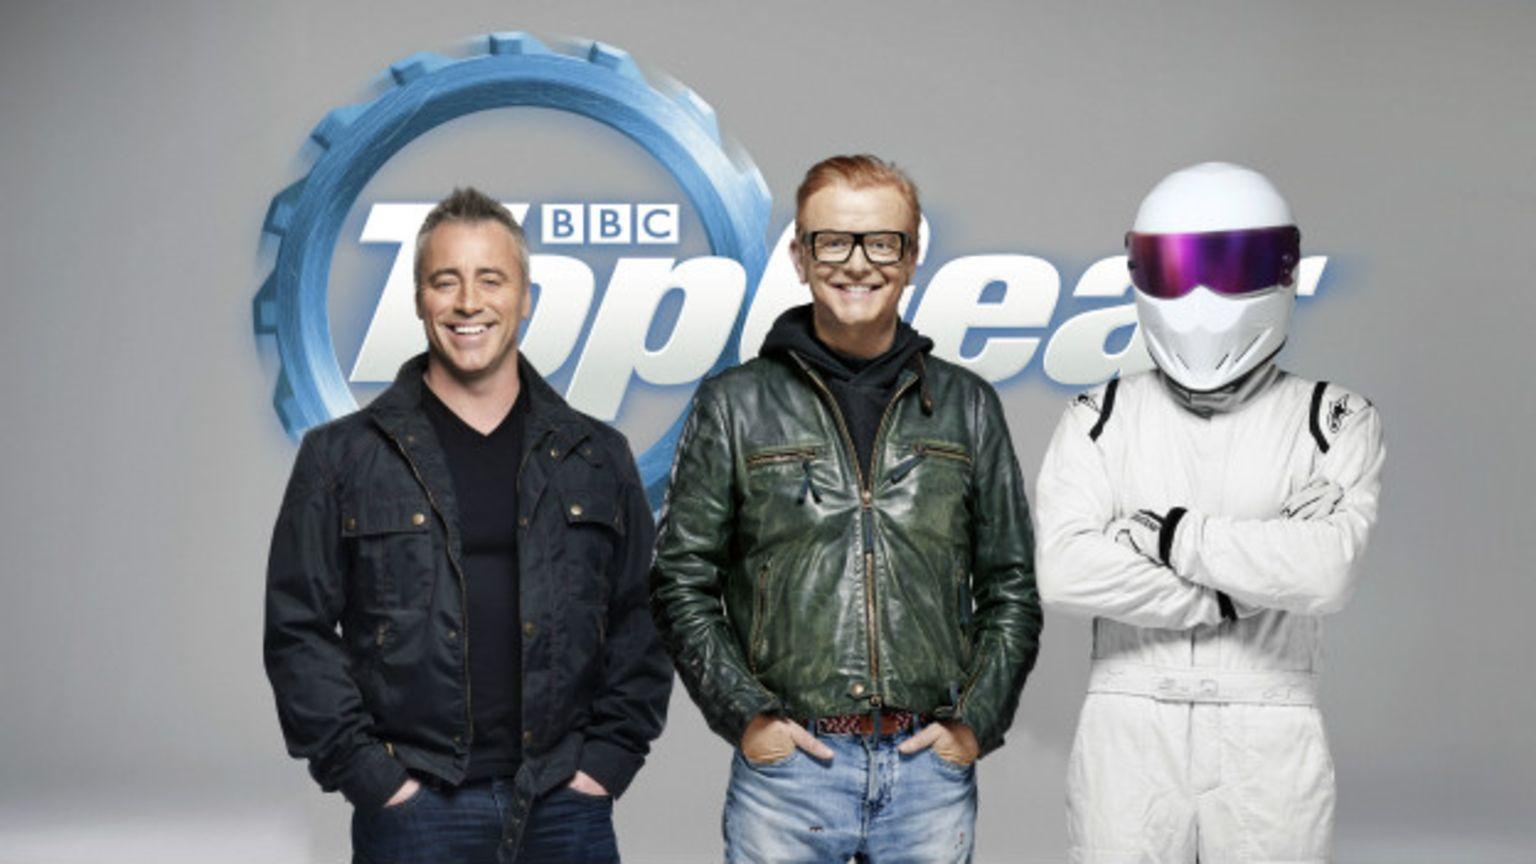 Вышел первый Top Gear без Джереми Кларксона